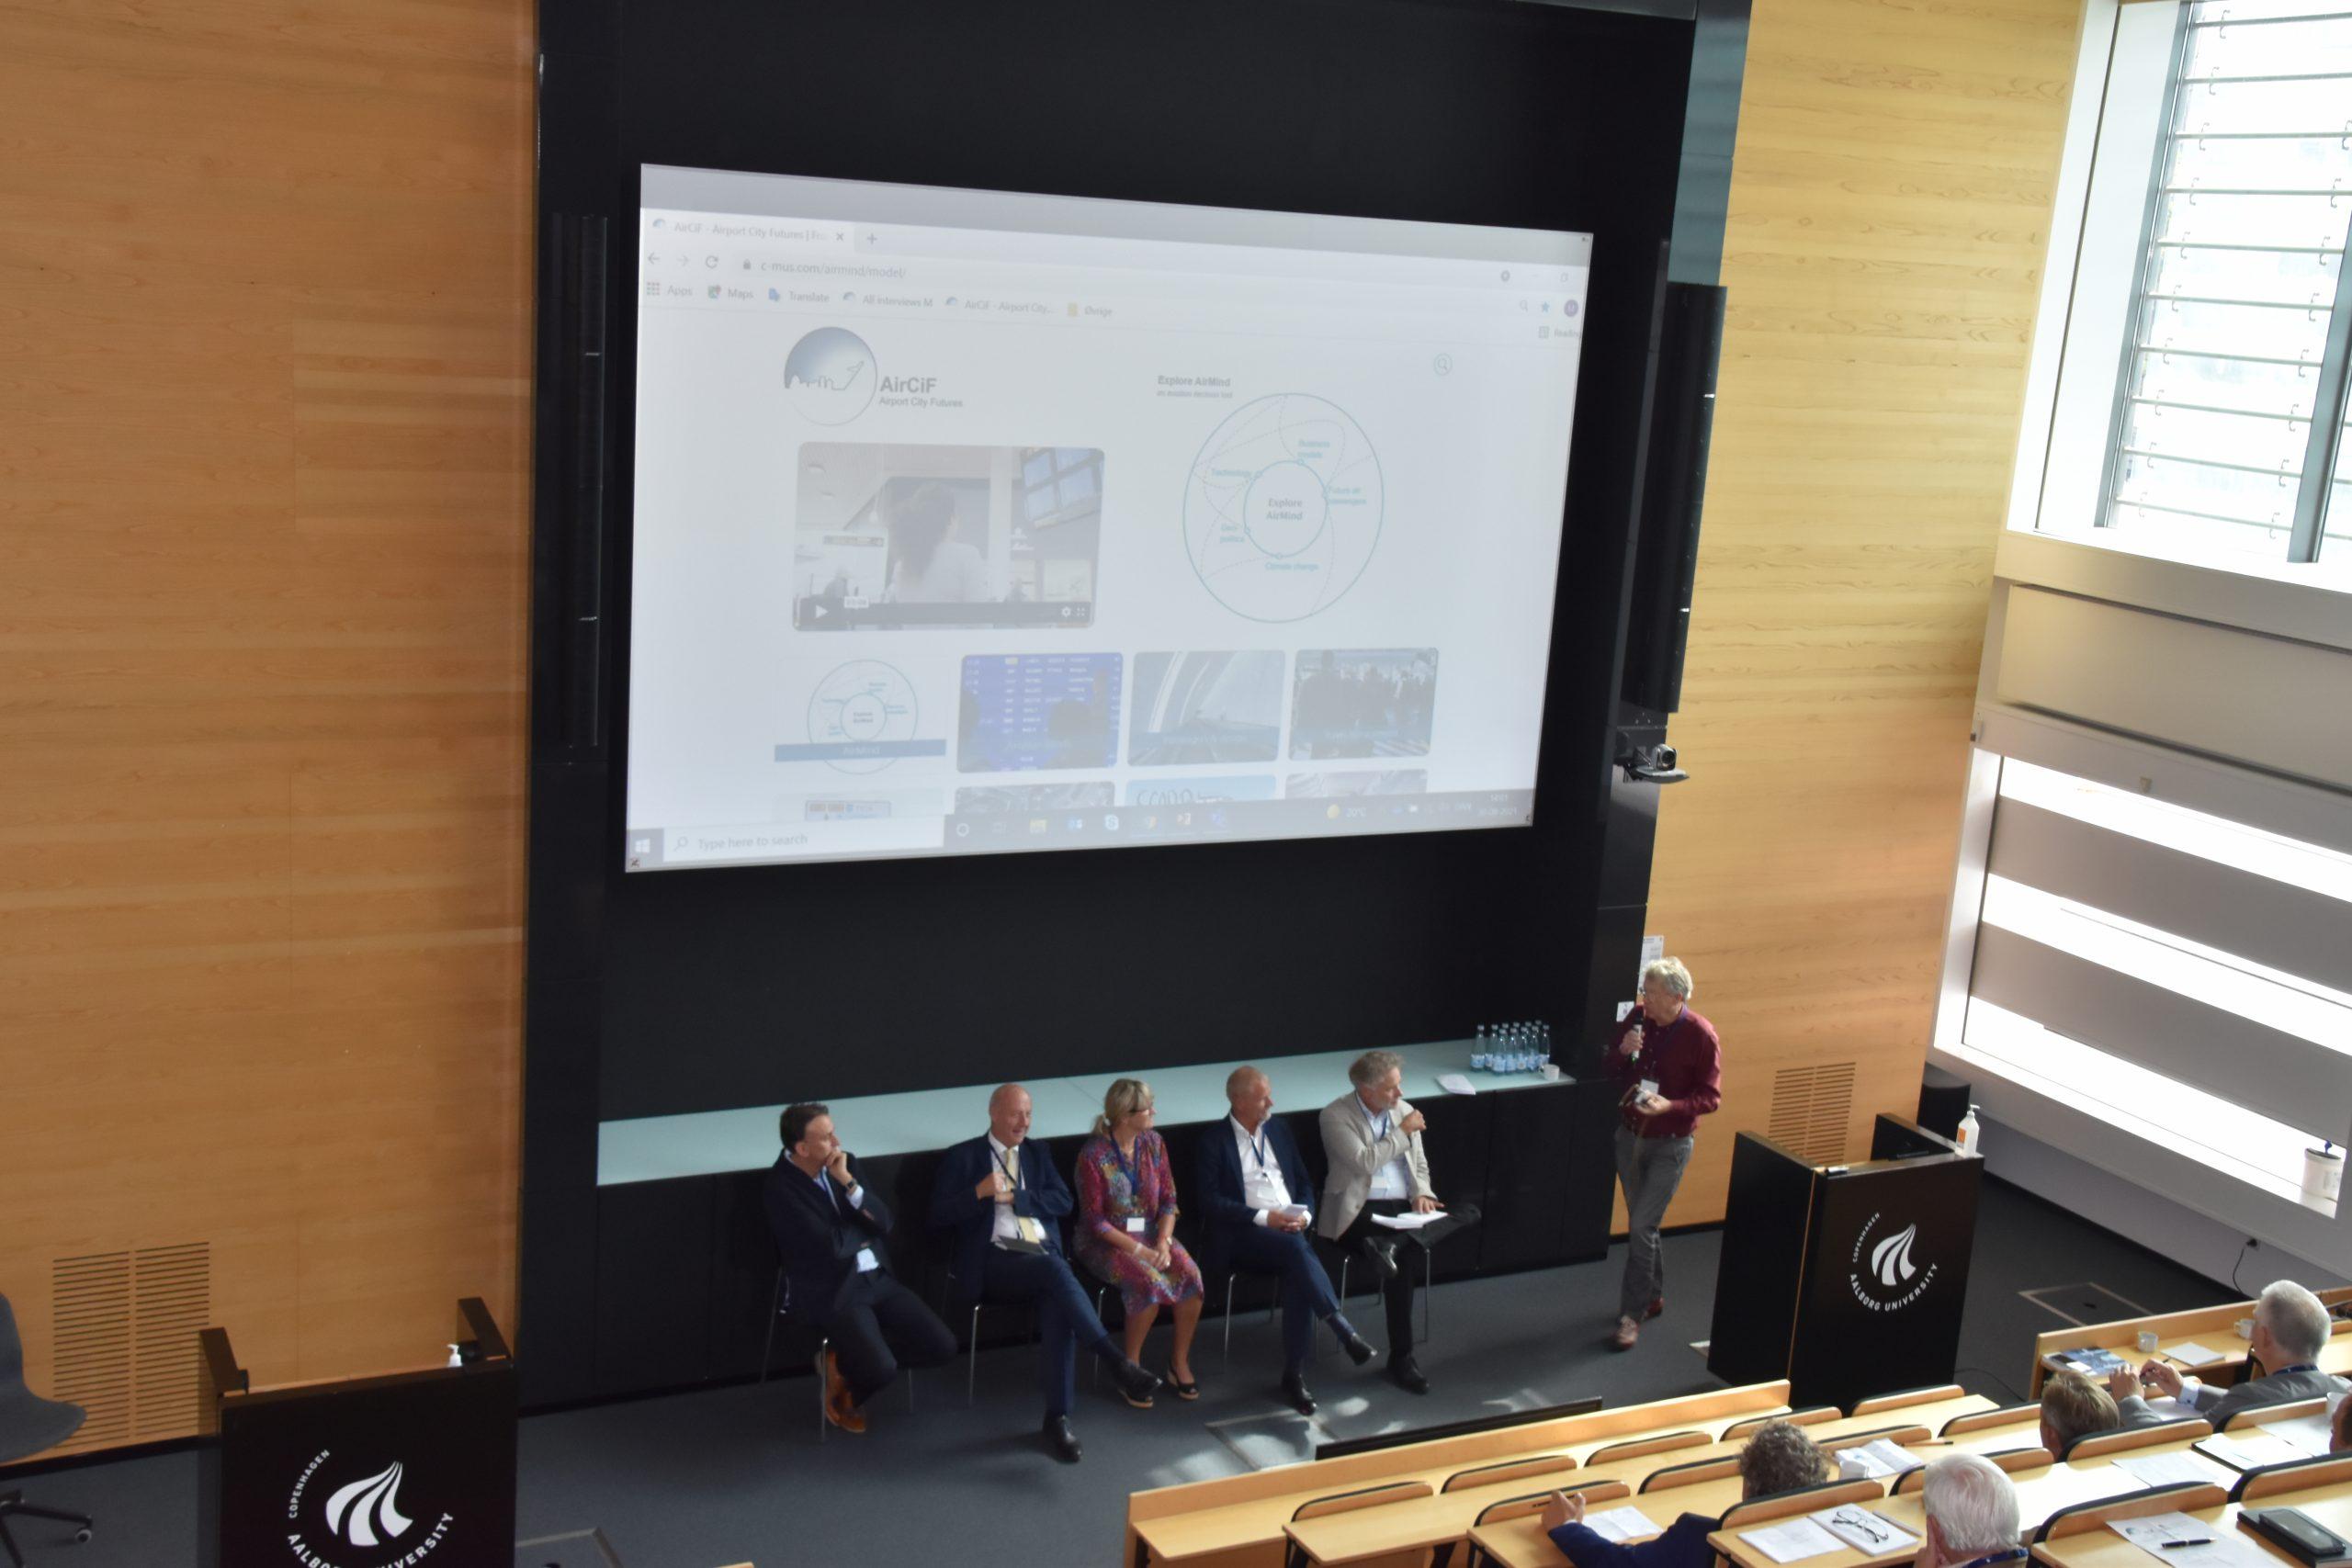 Ved en konference mandag den 30. august løftede forskere fra  Aalborg Universitet sløret for deres forskning. Det arbejde lever nu videre i Danish Aeromobility Academy. (Foto: Marieke van Hulst Pedersen)